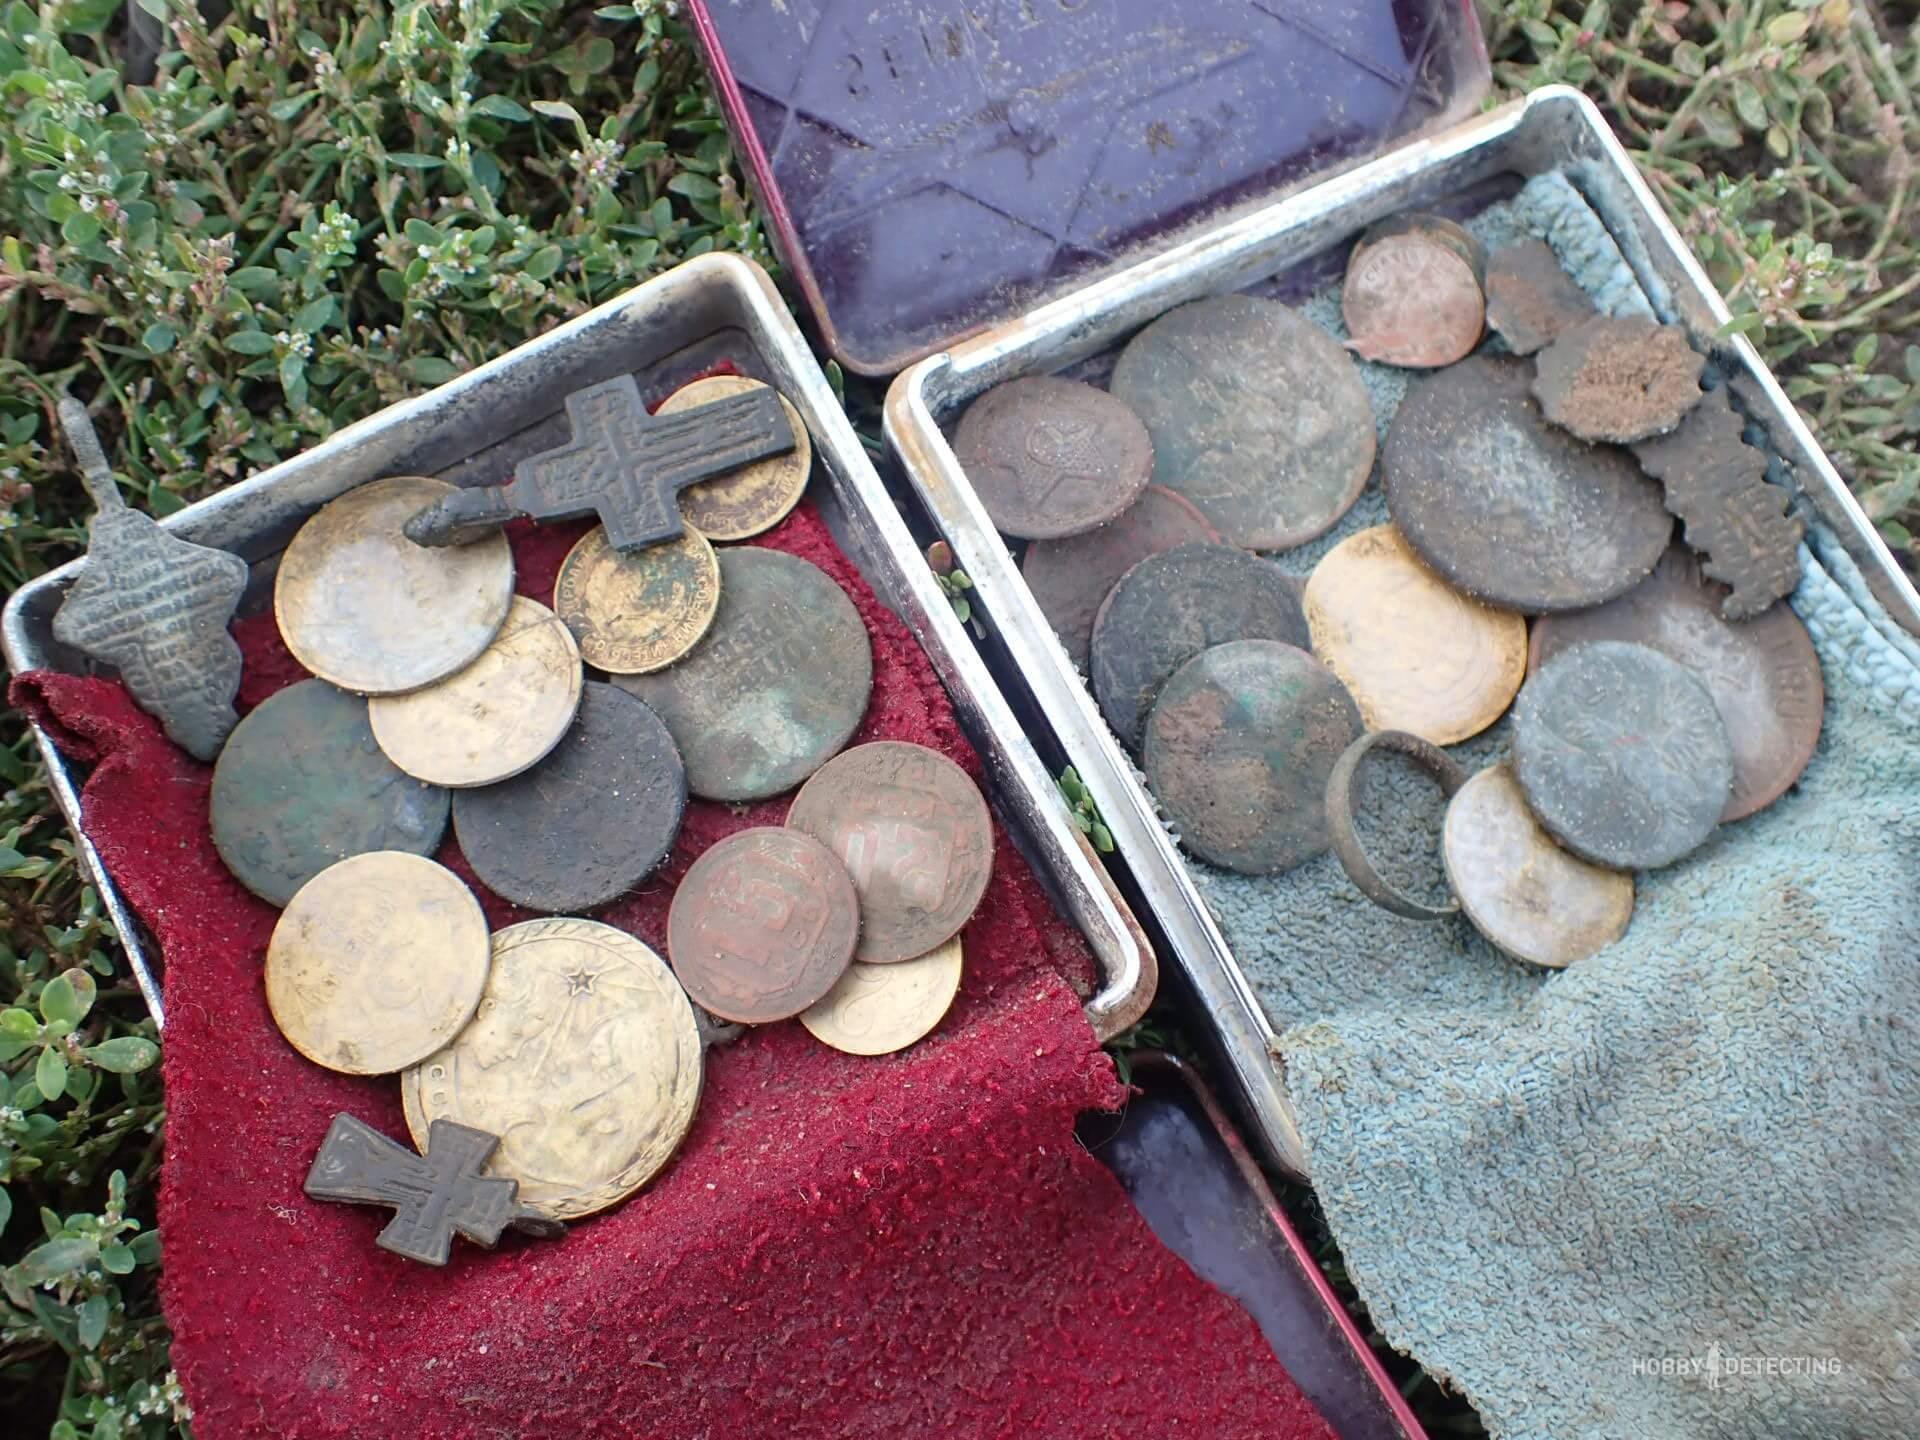 Друг приехал в гости. За день осилили три поля, нашли две медали и одну редкую монету